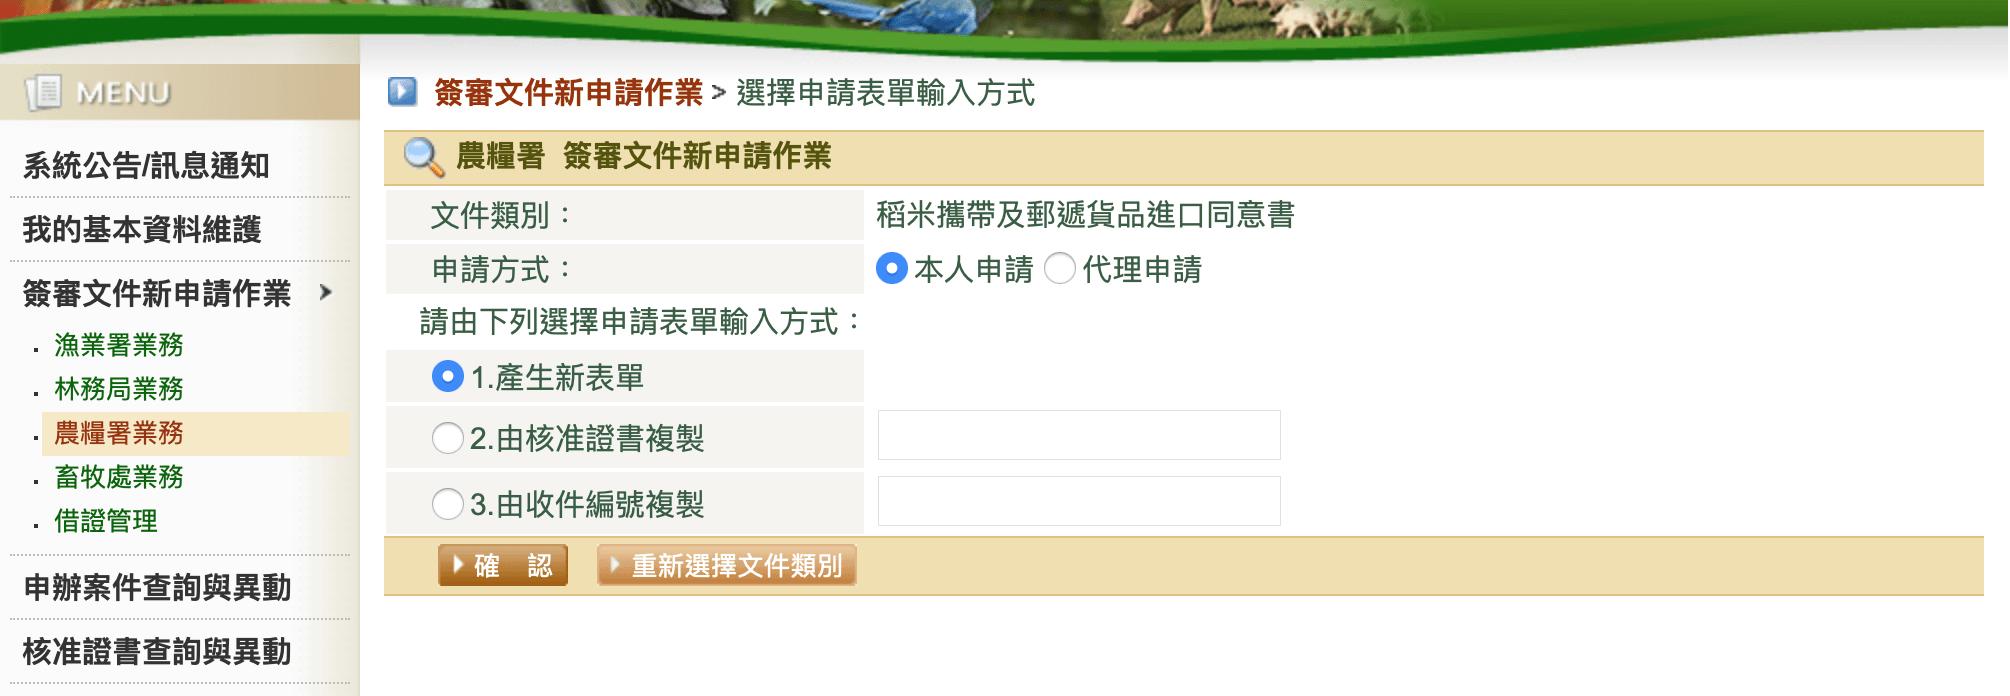 農糧署  簽審文件新申請作業